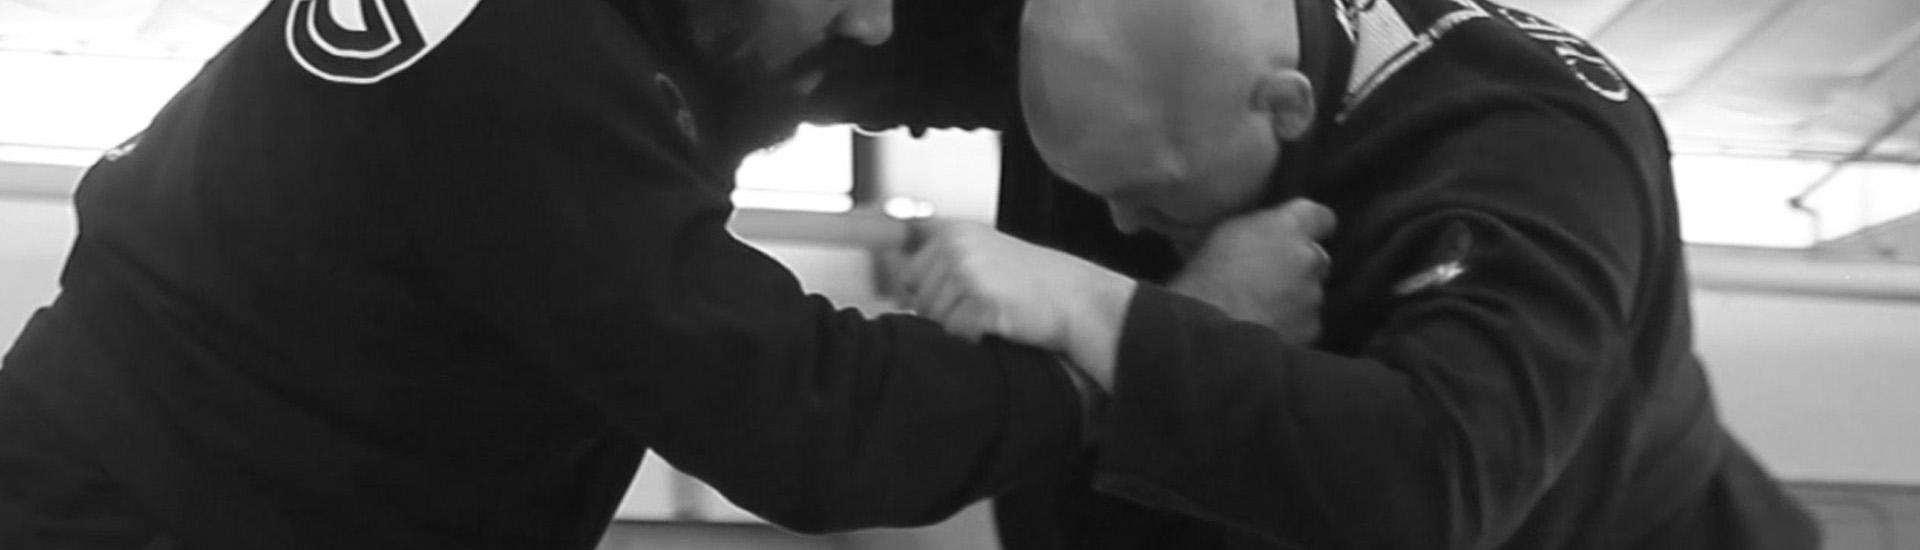 Jiu Jitsu the Gentle Martial Art